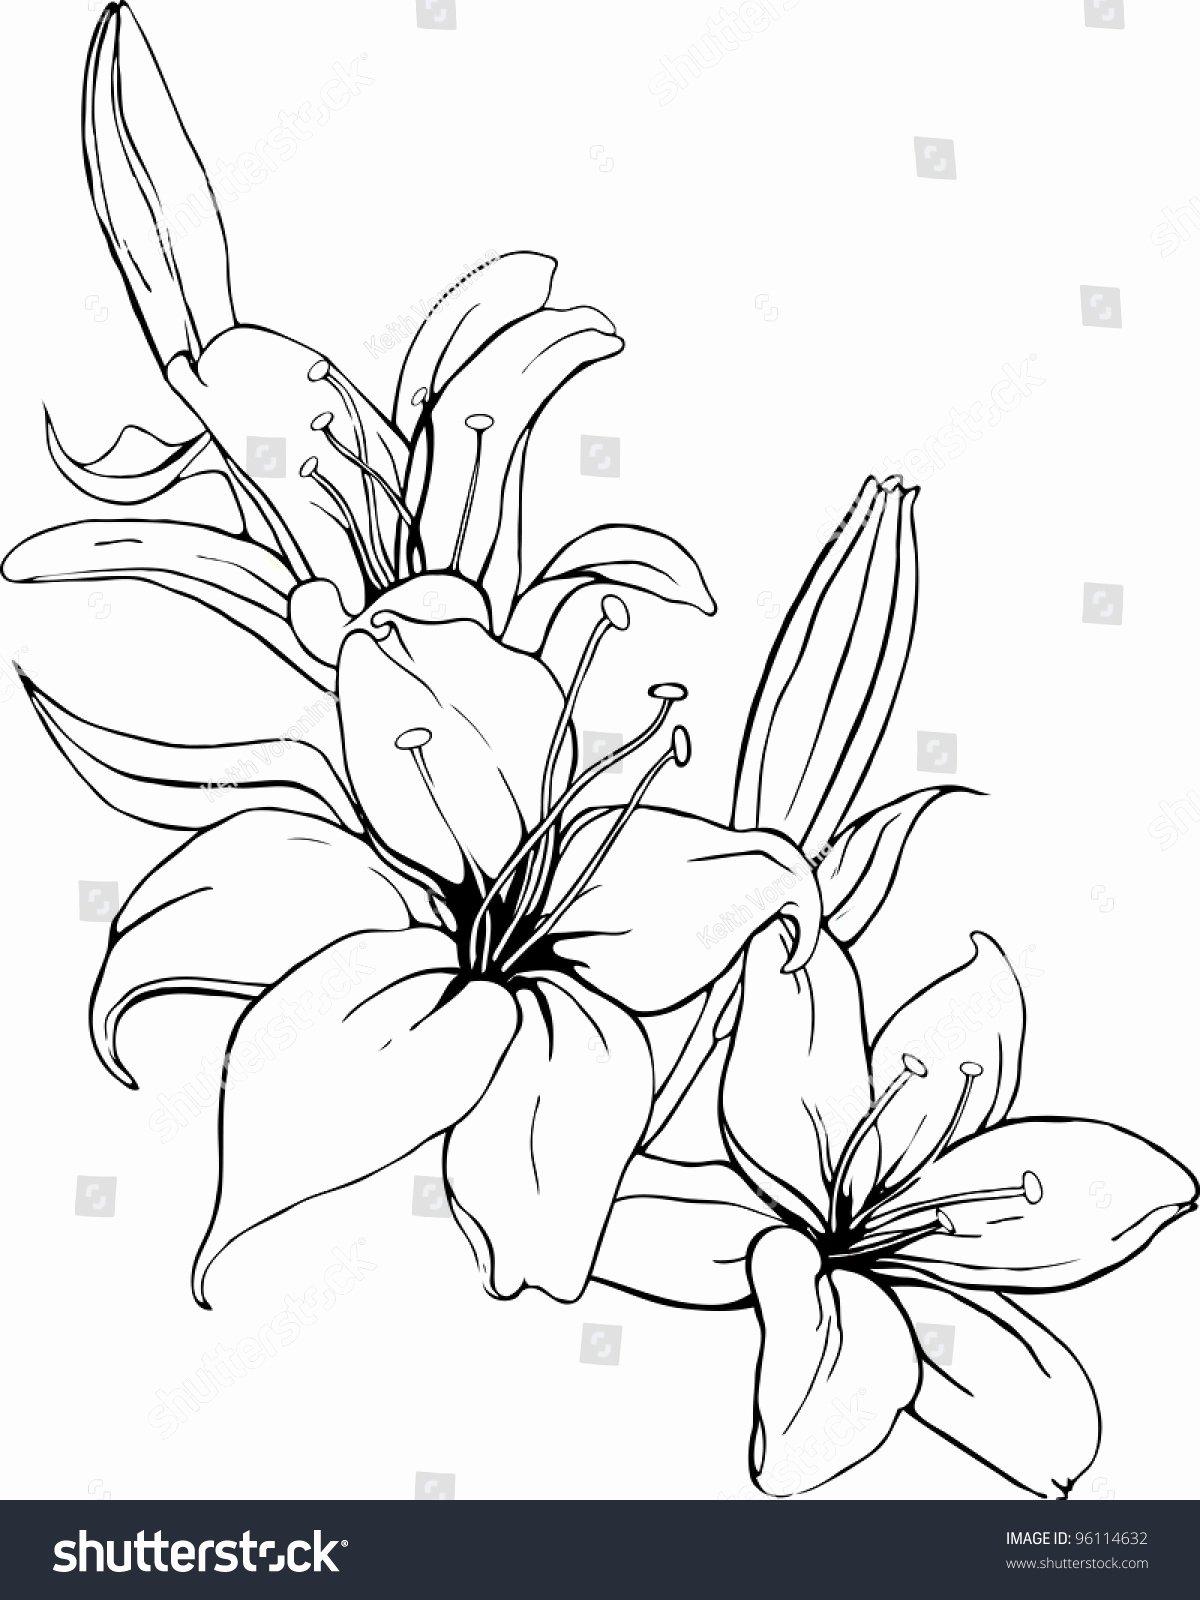 Black and White Illustration Elegant Vector Illustration Lily In Black and White Colors Shutterstock